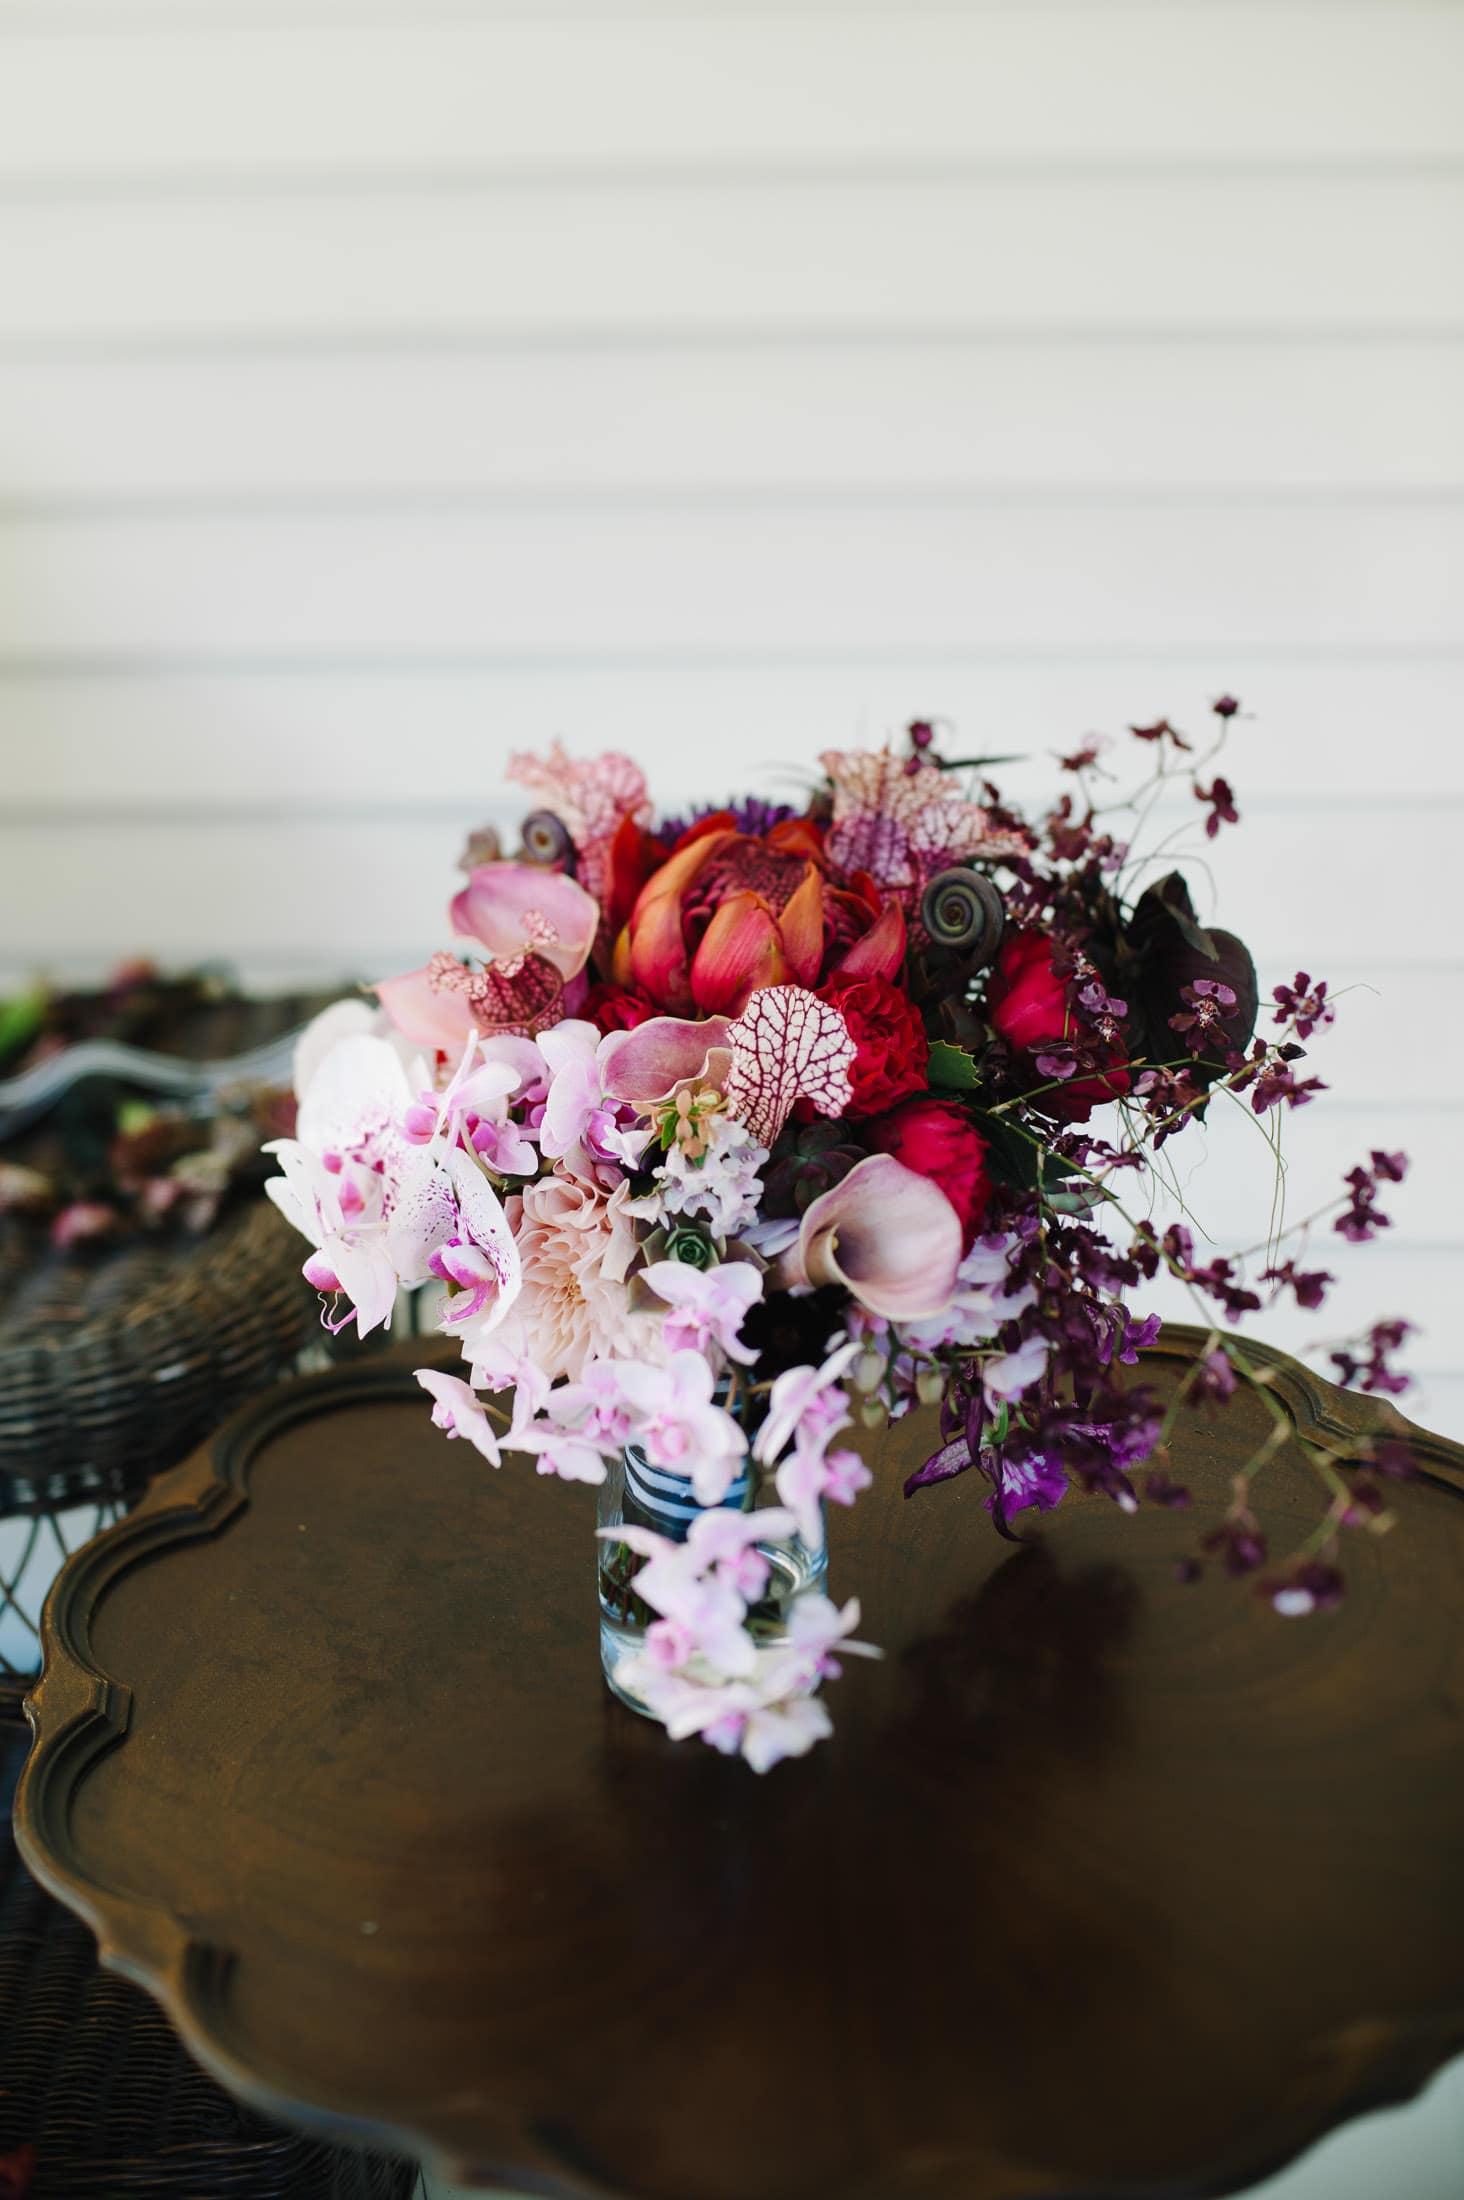 Flora Grubb Bouquet at at Alice in Wonderland Victorian Mad Hatter Garden wedding in Atherton, CA